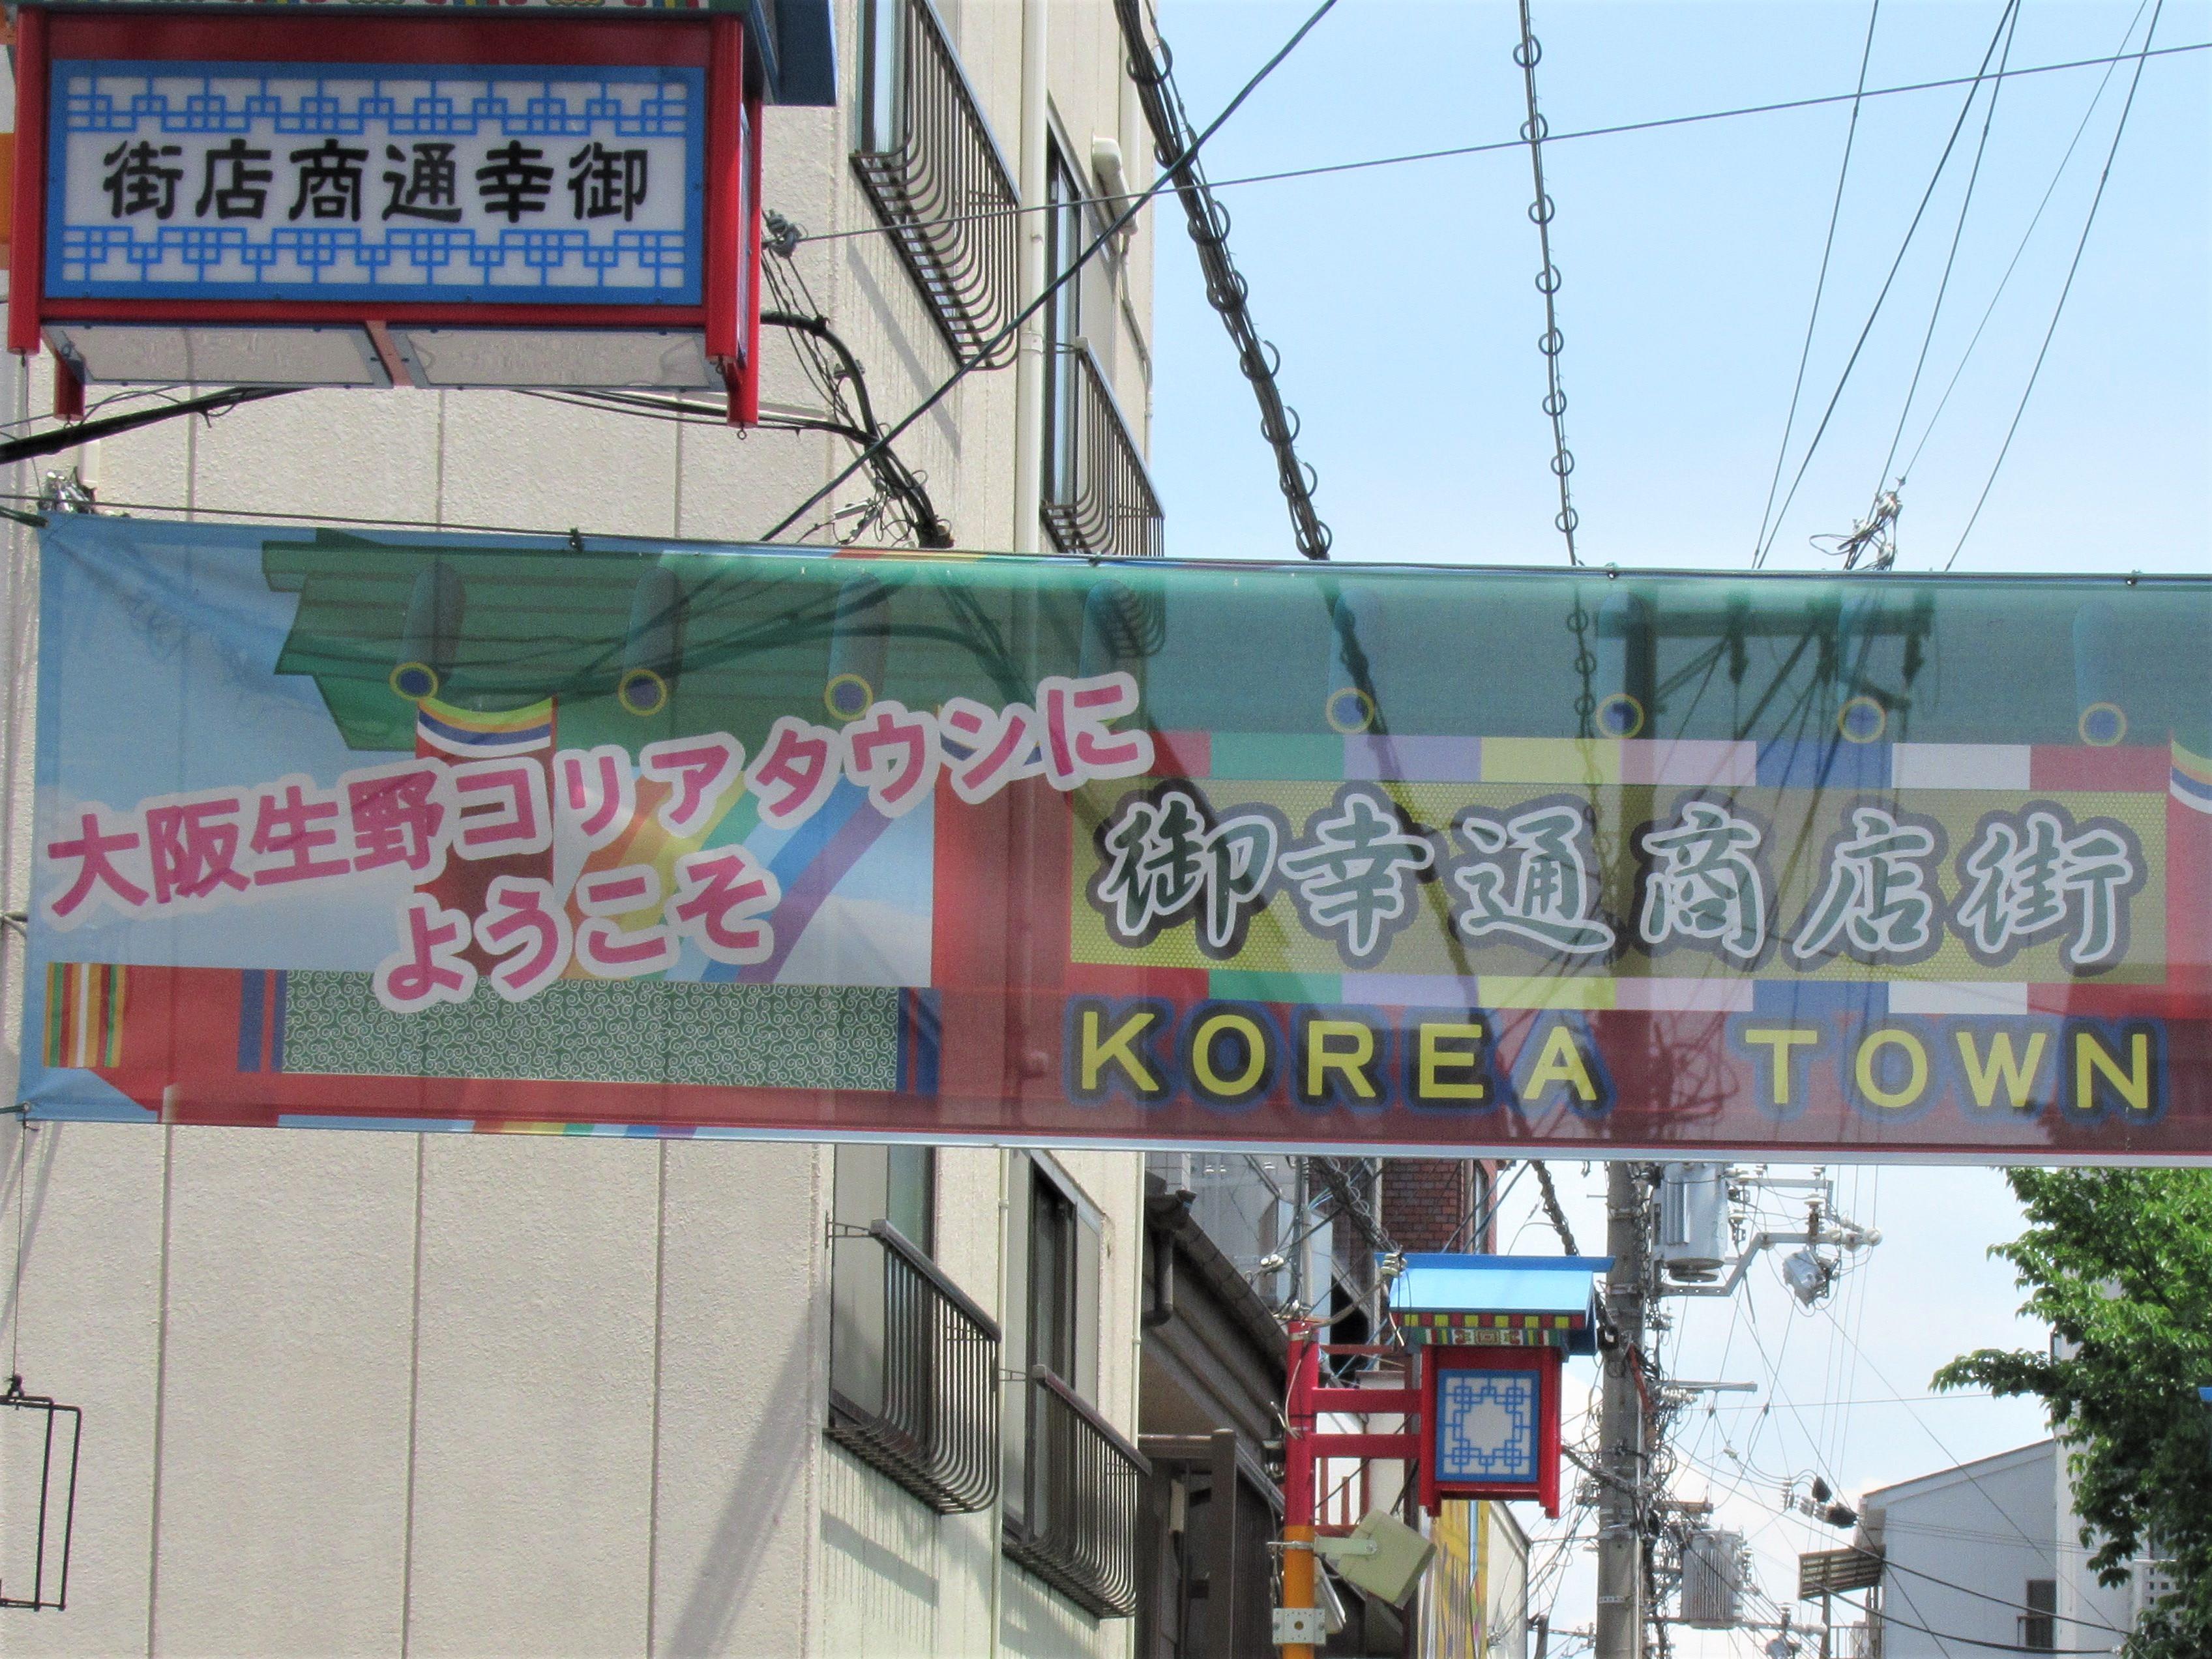 大阪観光|生野コリアタウンで韓国気分★アイドルグッズやコスメが面白い